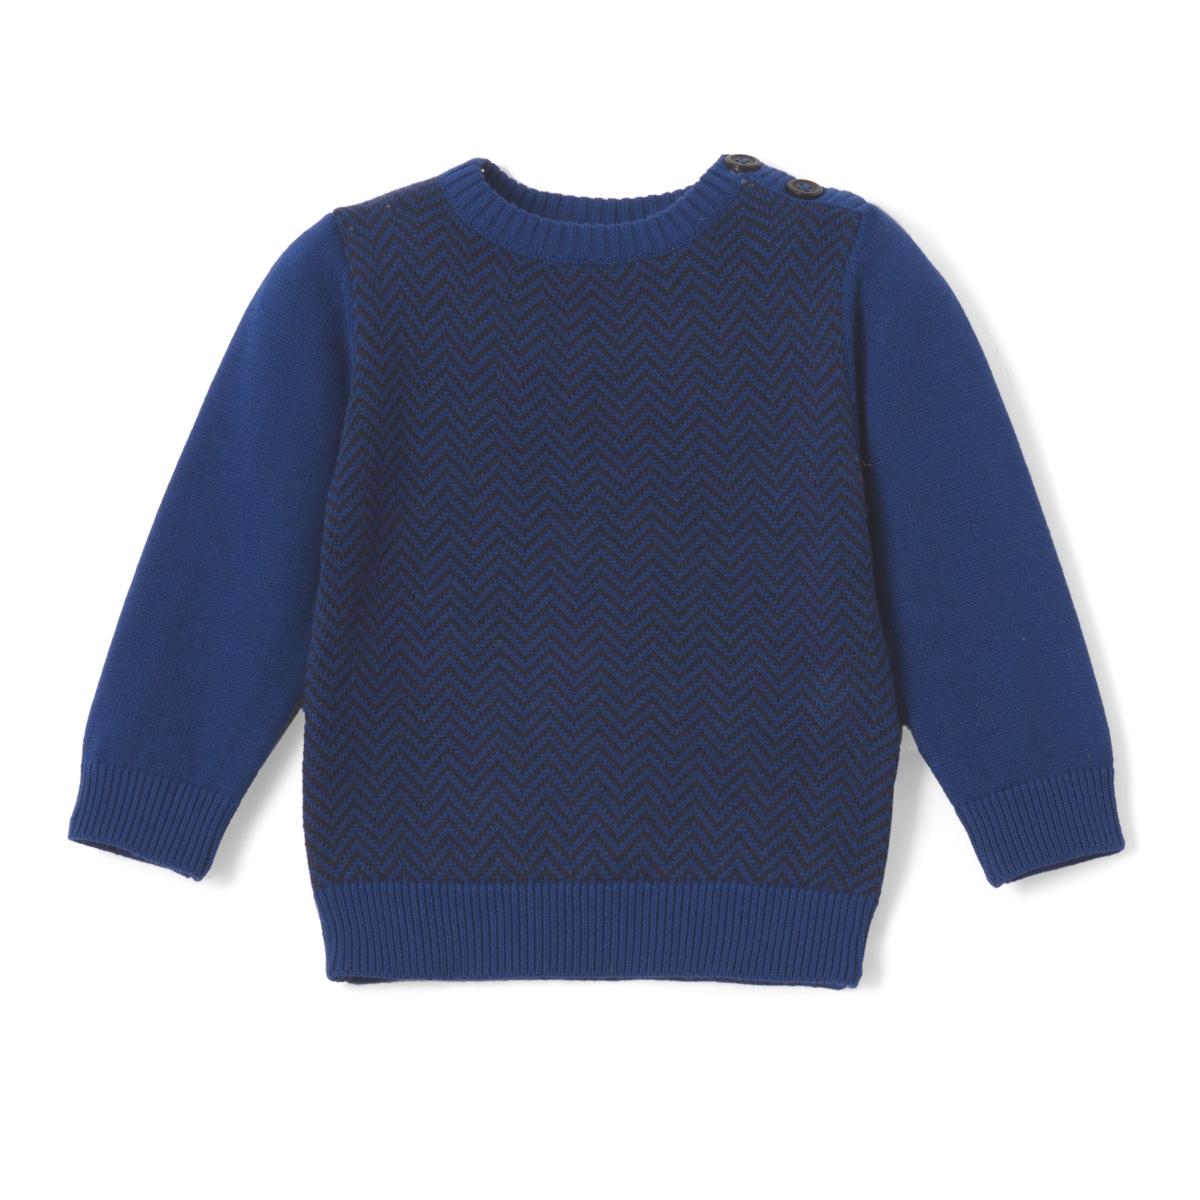 Пуловер с рисунком в ёлочку с длинными рукавами, 1 мес.- 3 лет футболка с длинными рукавами 1 мес 3 лет